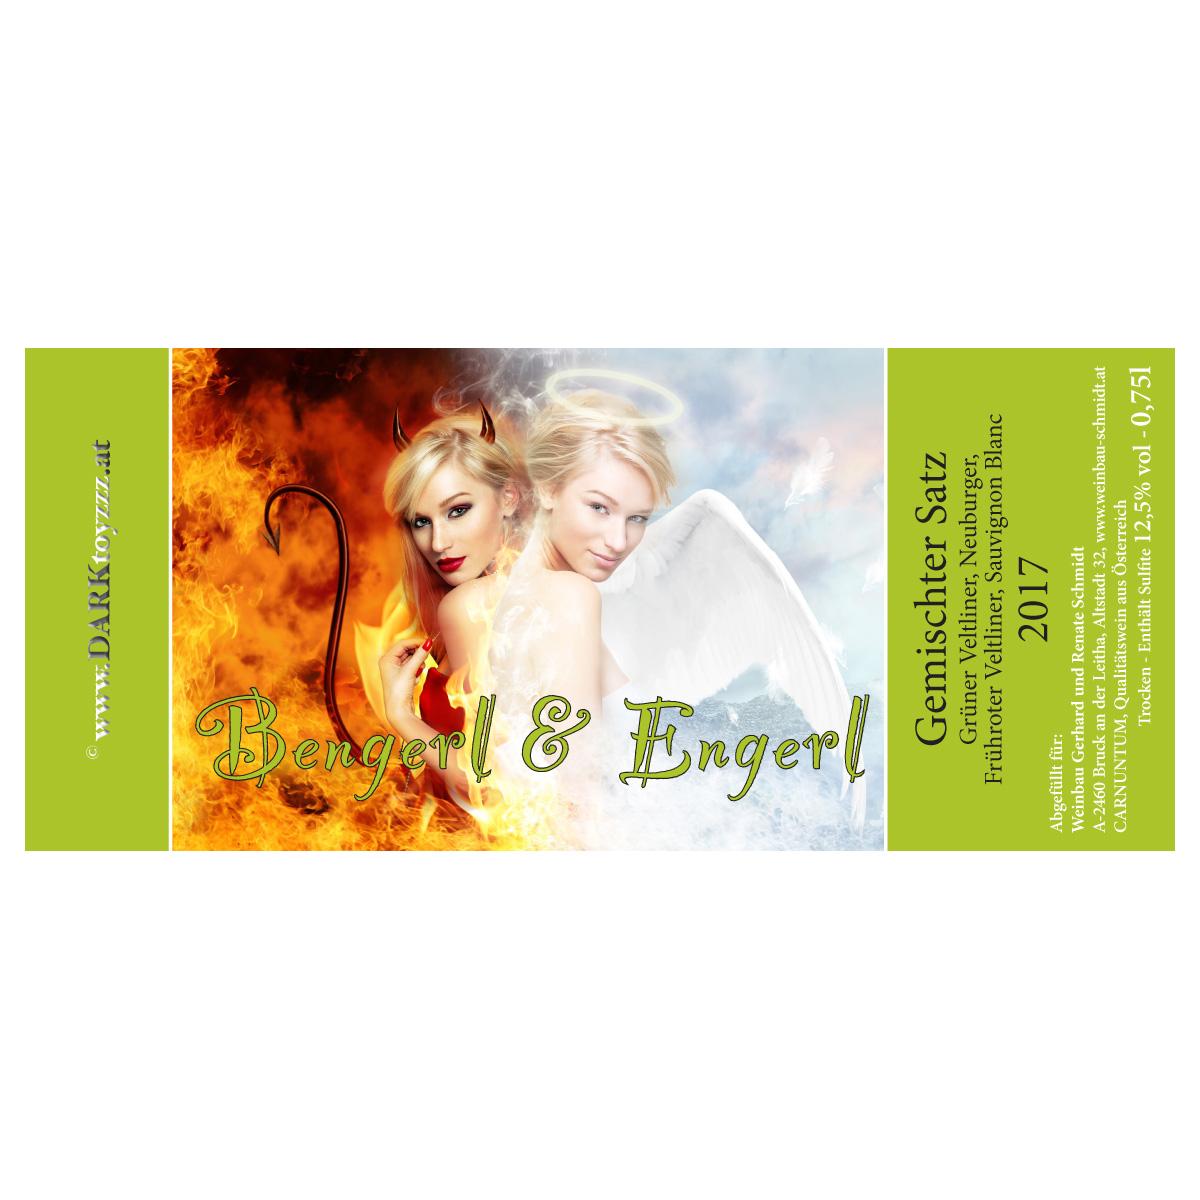 DARKtoyzzz-Weinetikett - Bengerl & Engerl